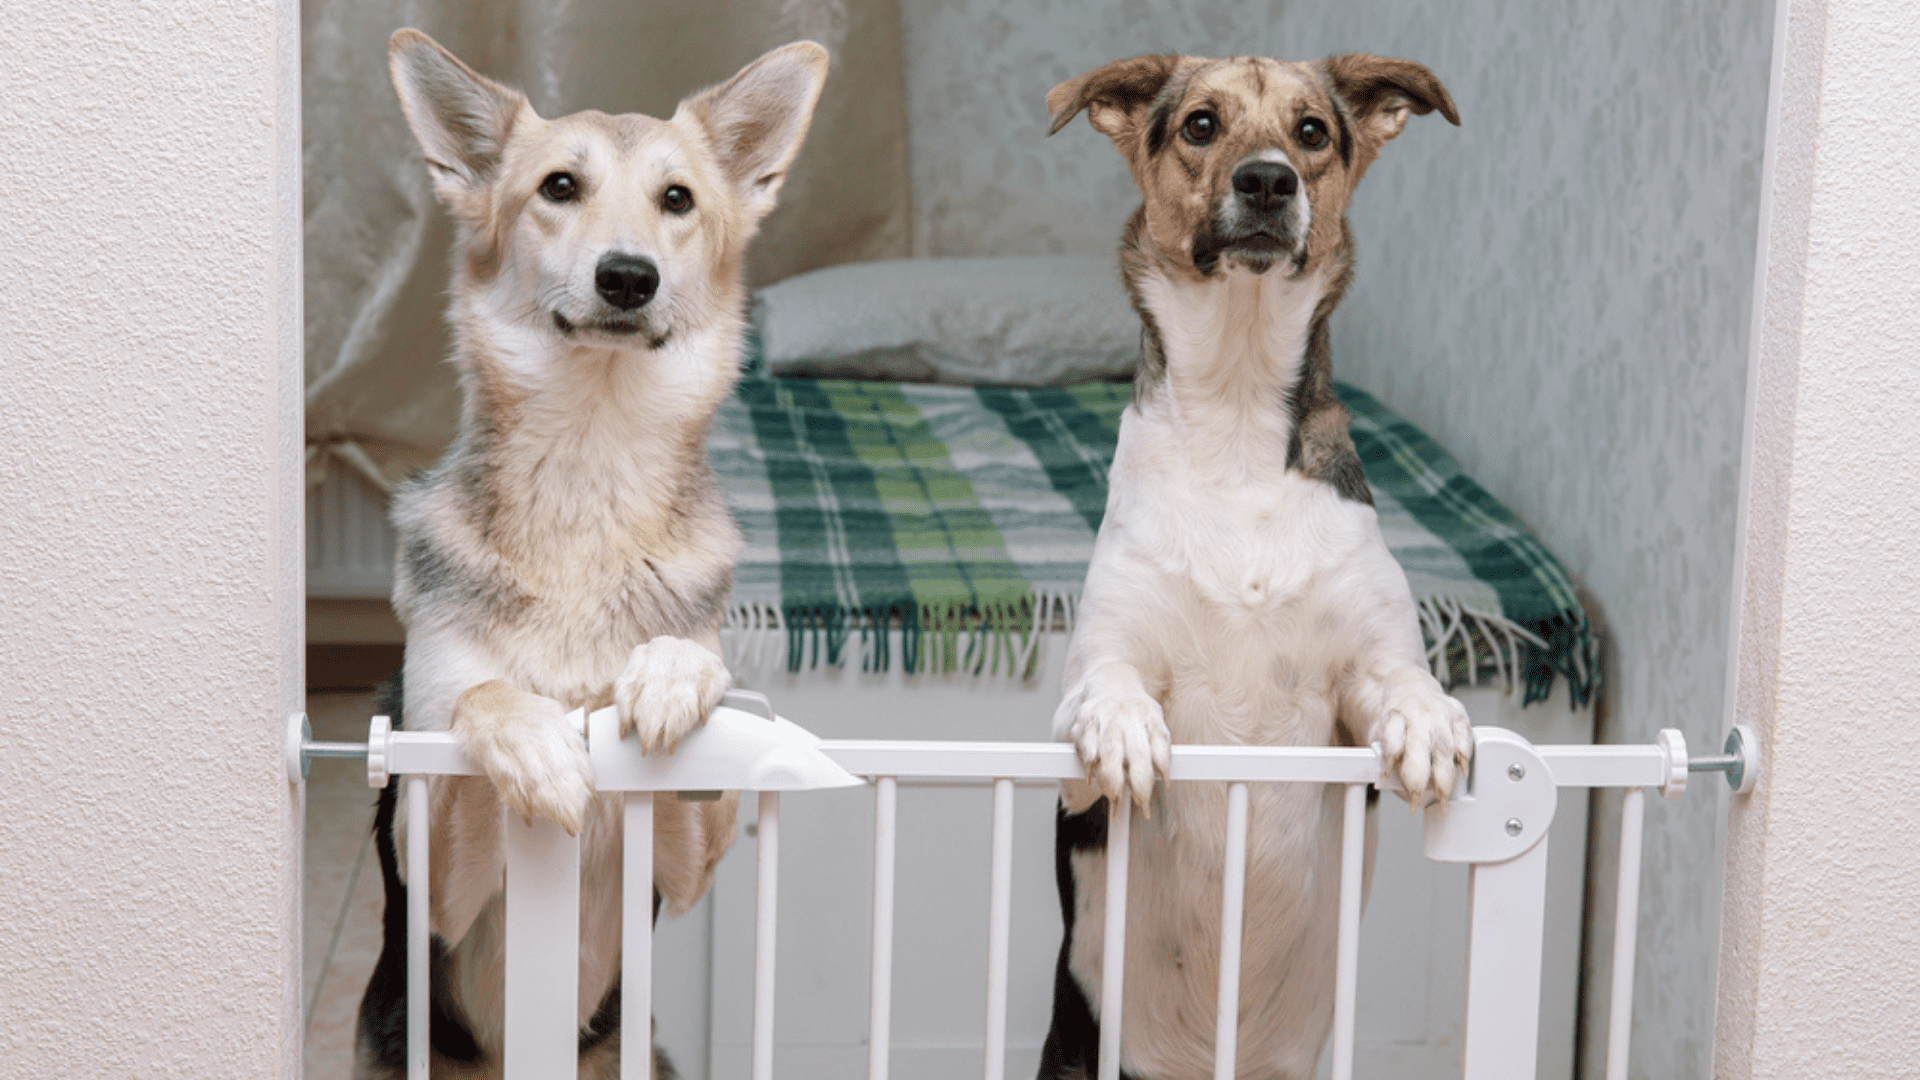 O cercado para cachorro grande costuma ser em formato de grade com portões (Imagem: Reprodução/Shutterstock)